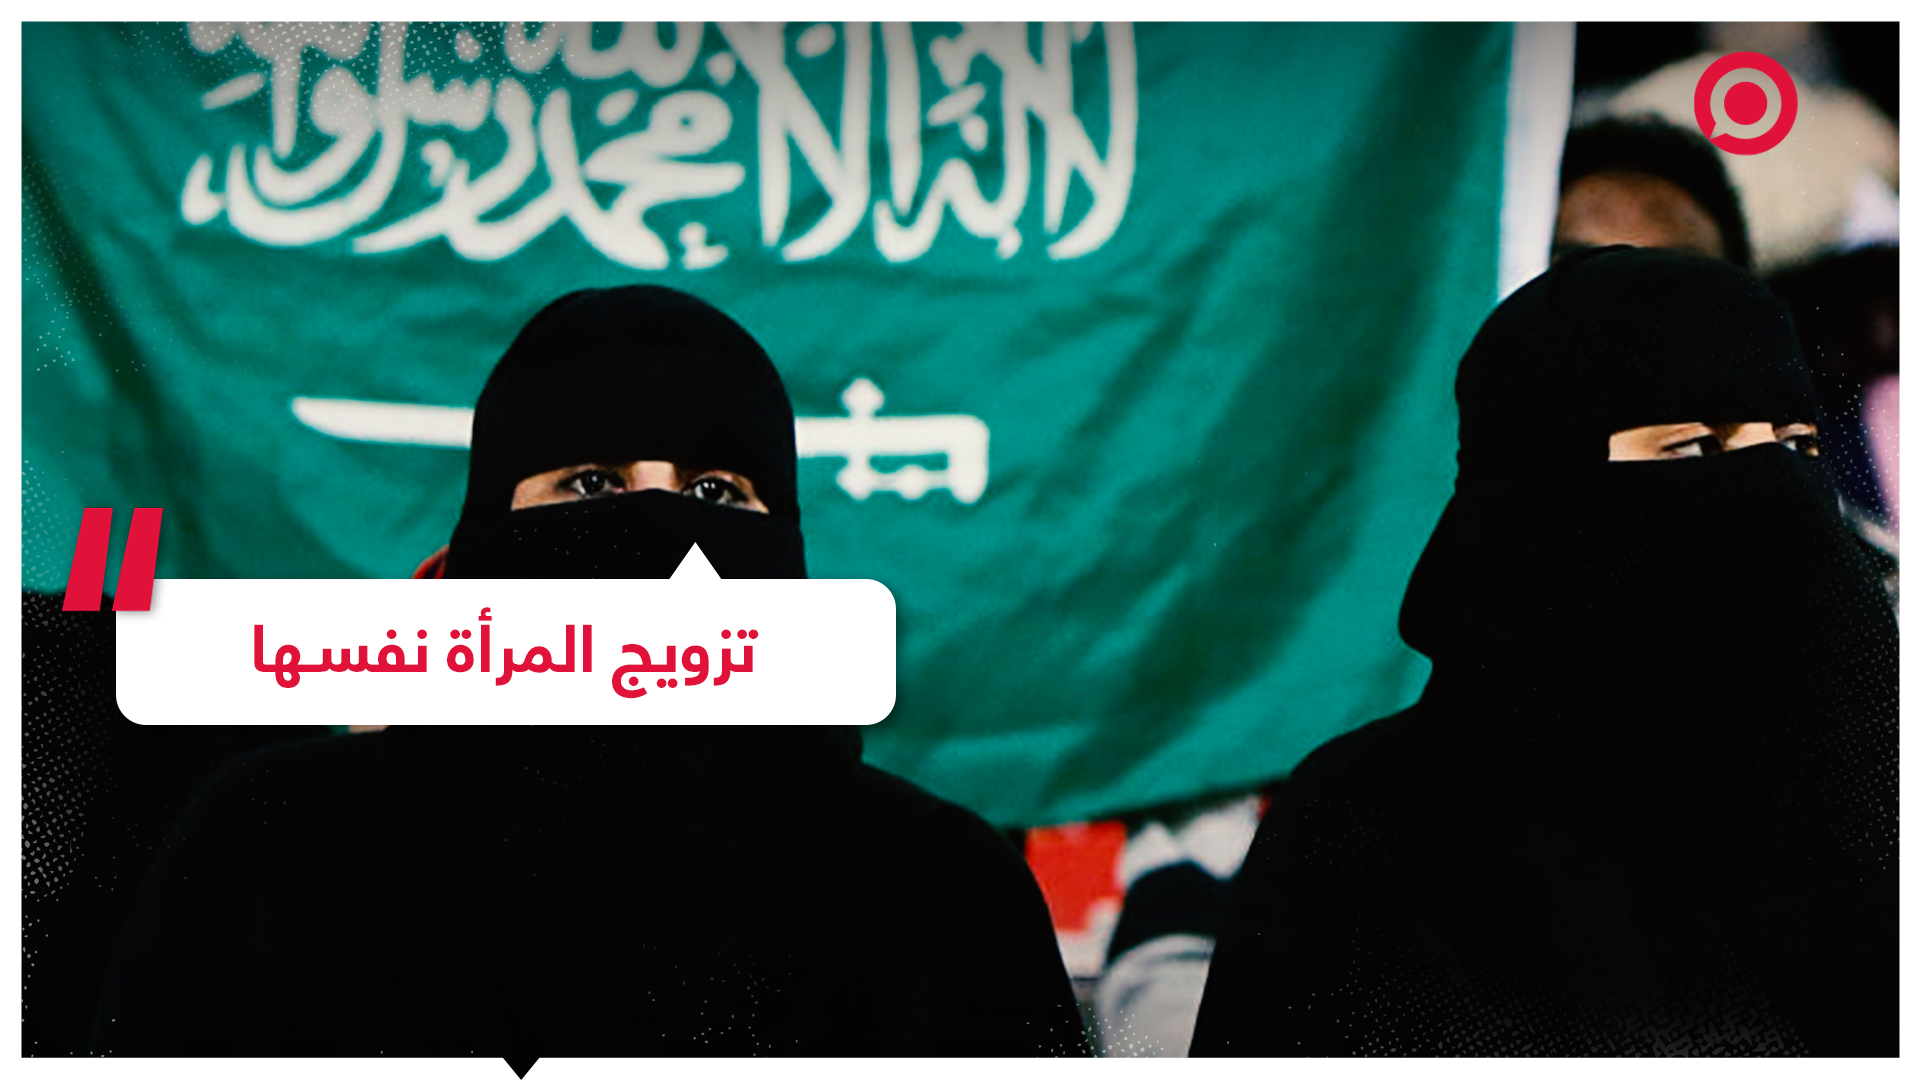 #السعودية #زواج #امرأة